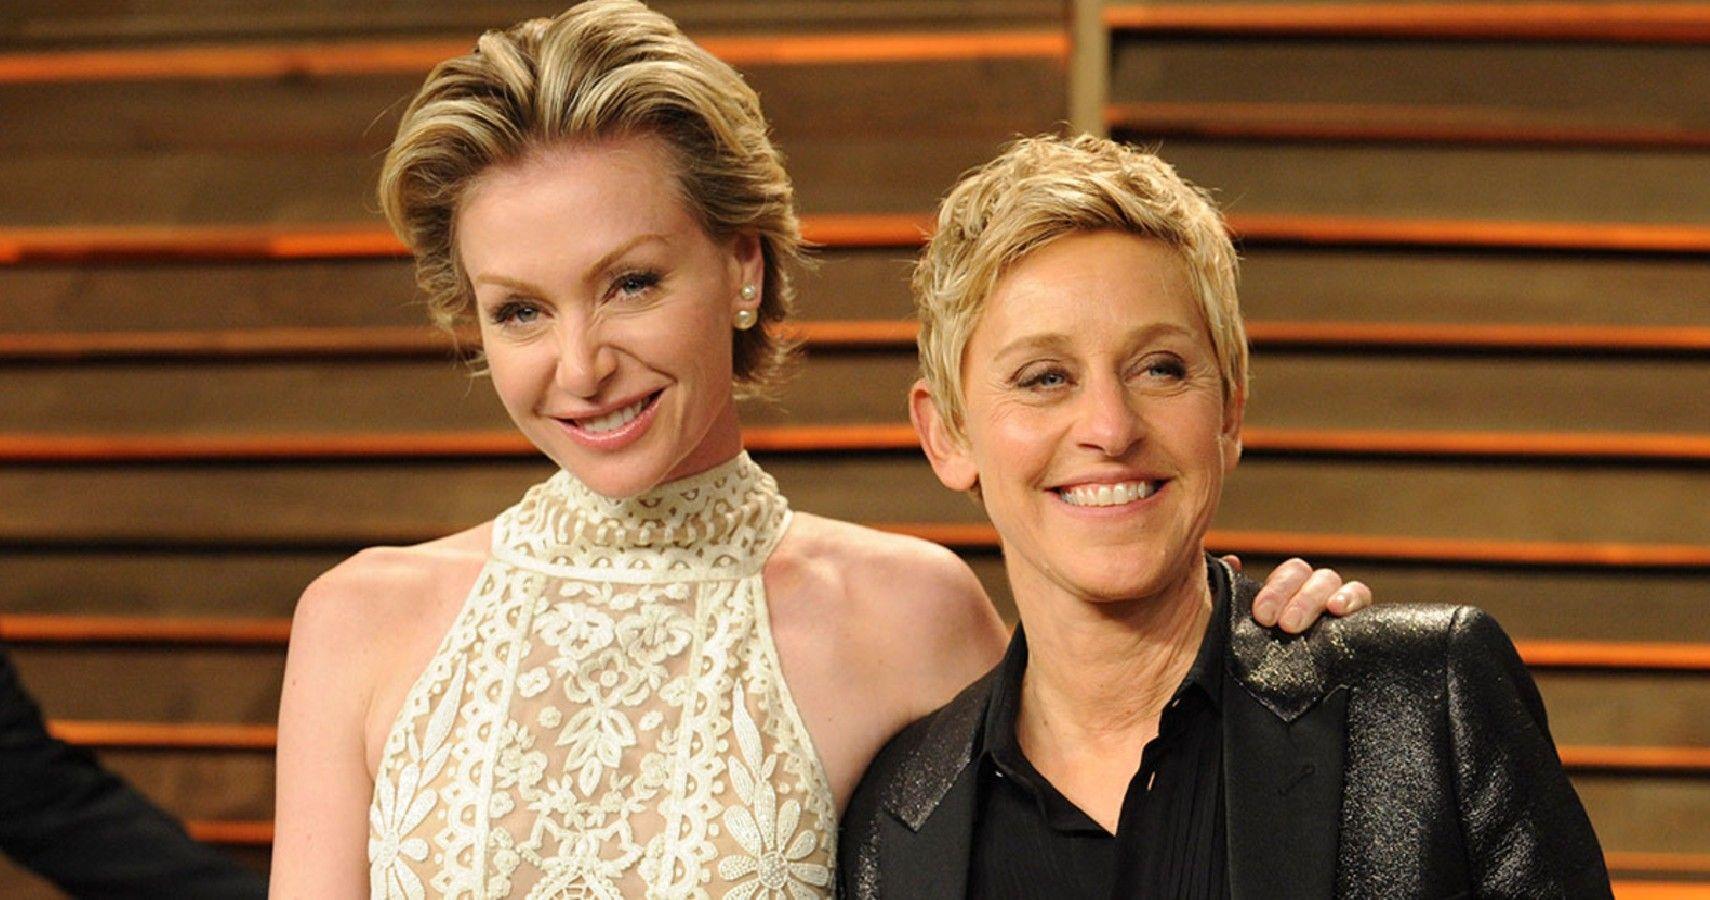 Ellen DeGeneres Gives Portia Her Appendix Back For Easter